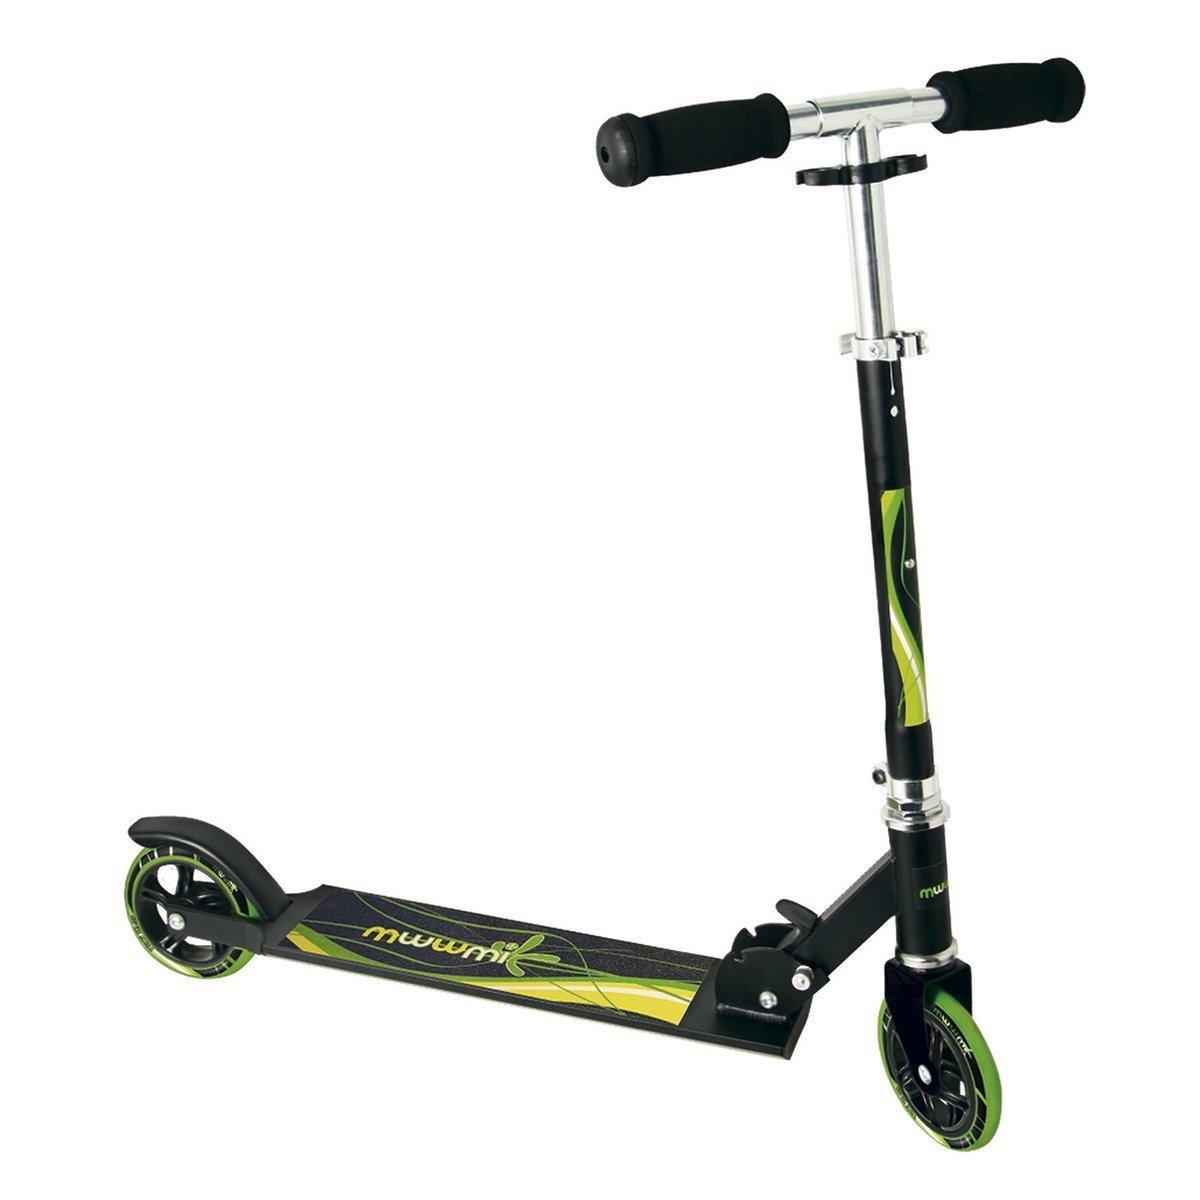 Authentics Sports ST Muuwmi 160, monopattino a due ruote sportivo in alluminio